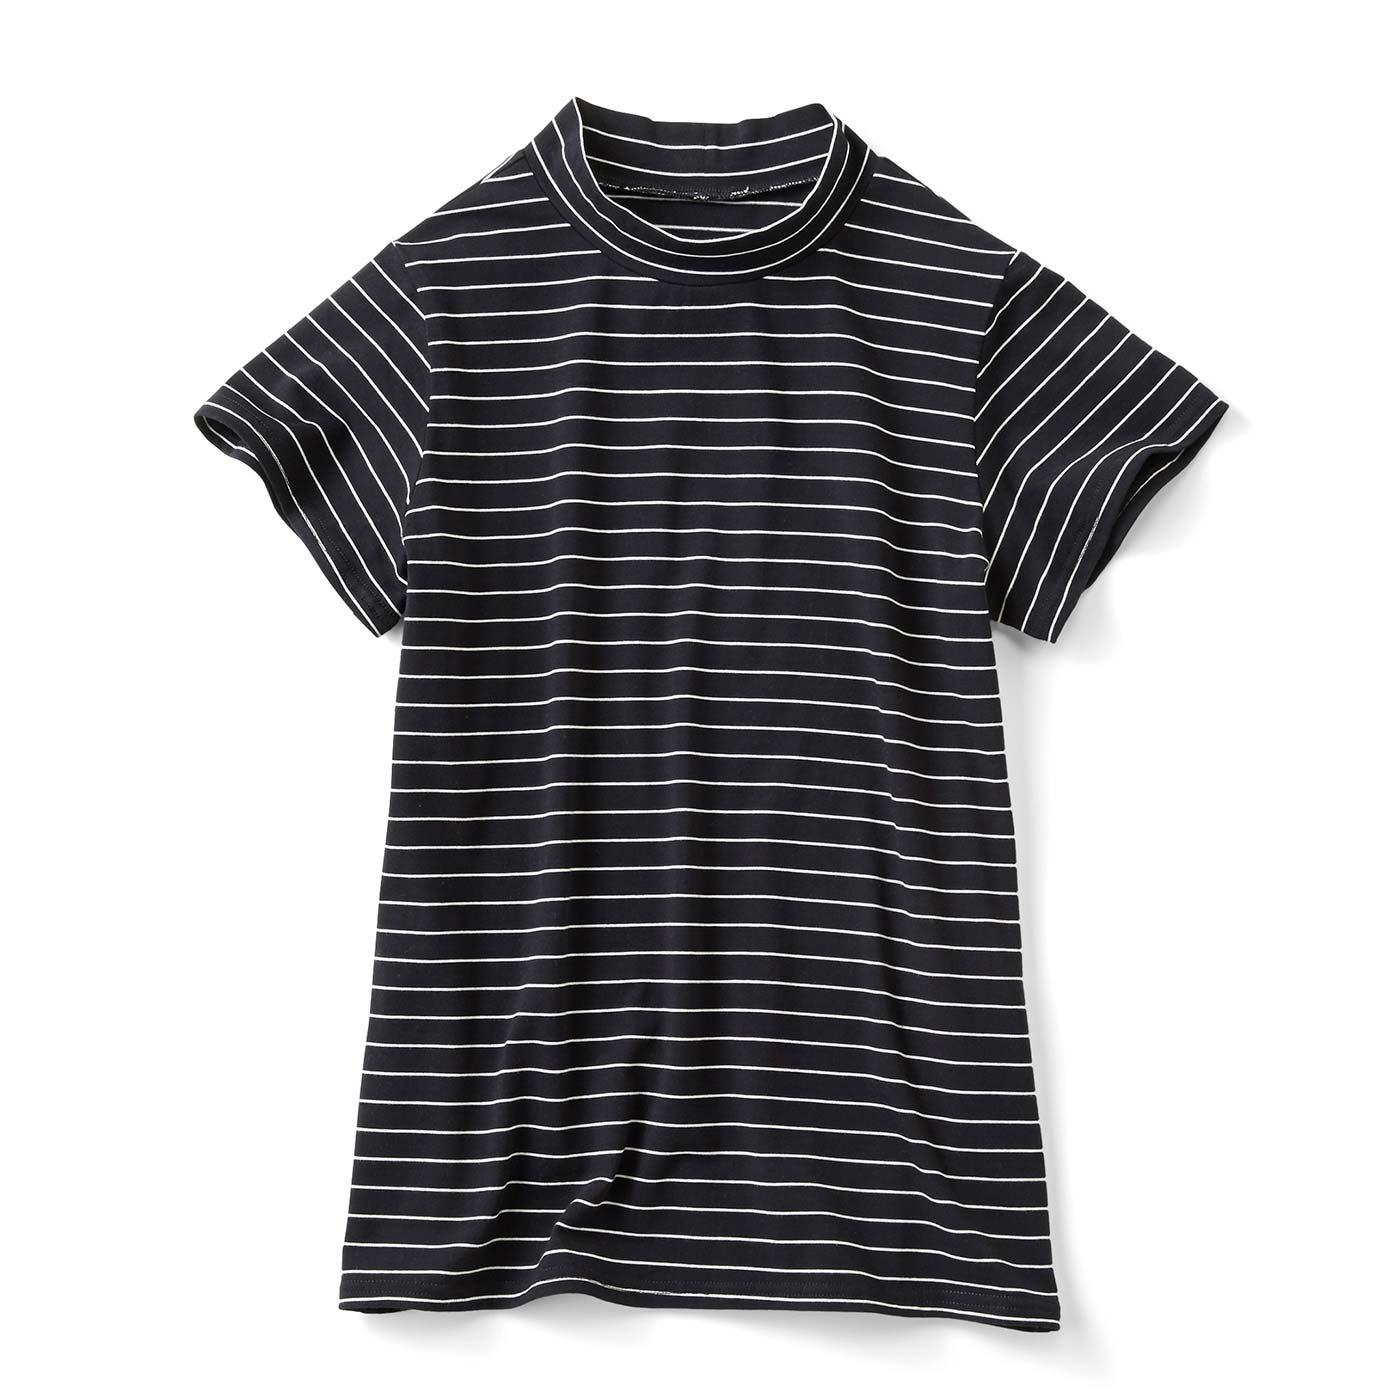 フェリシモ さらっと今風 ボーダーハイネックTシャツ〈ブラックxホワイト〉